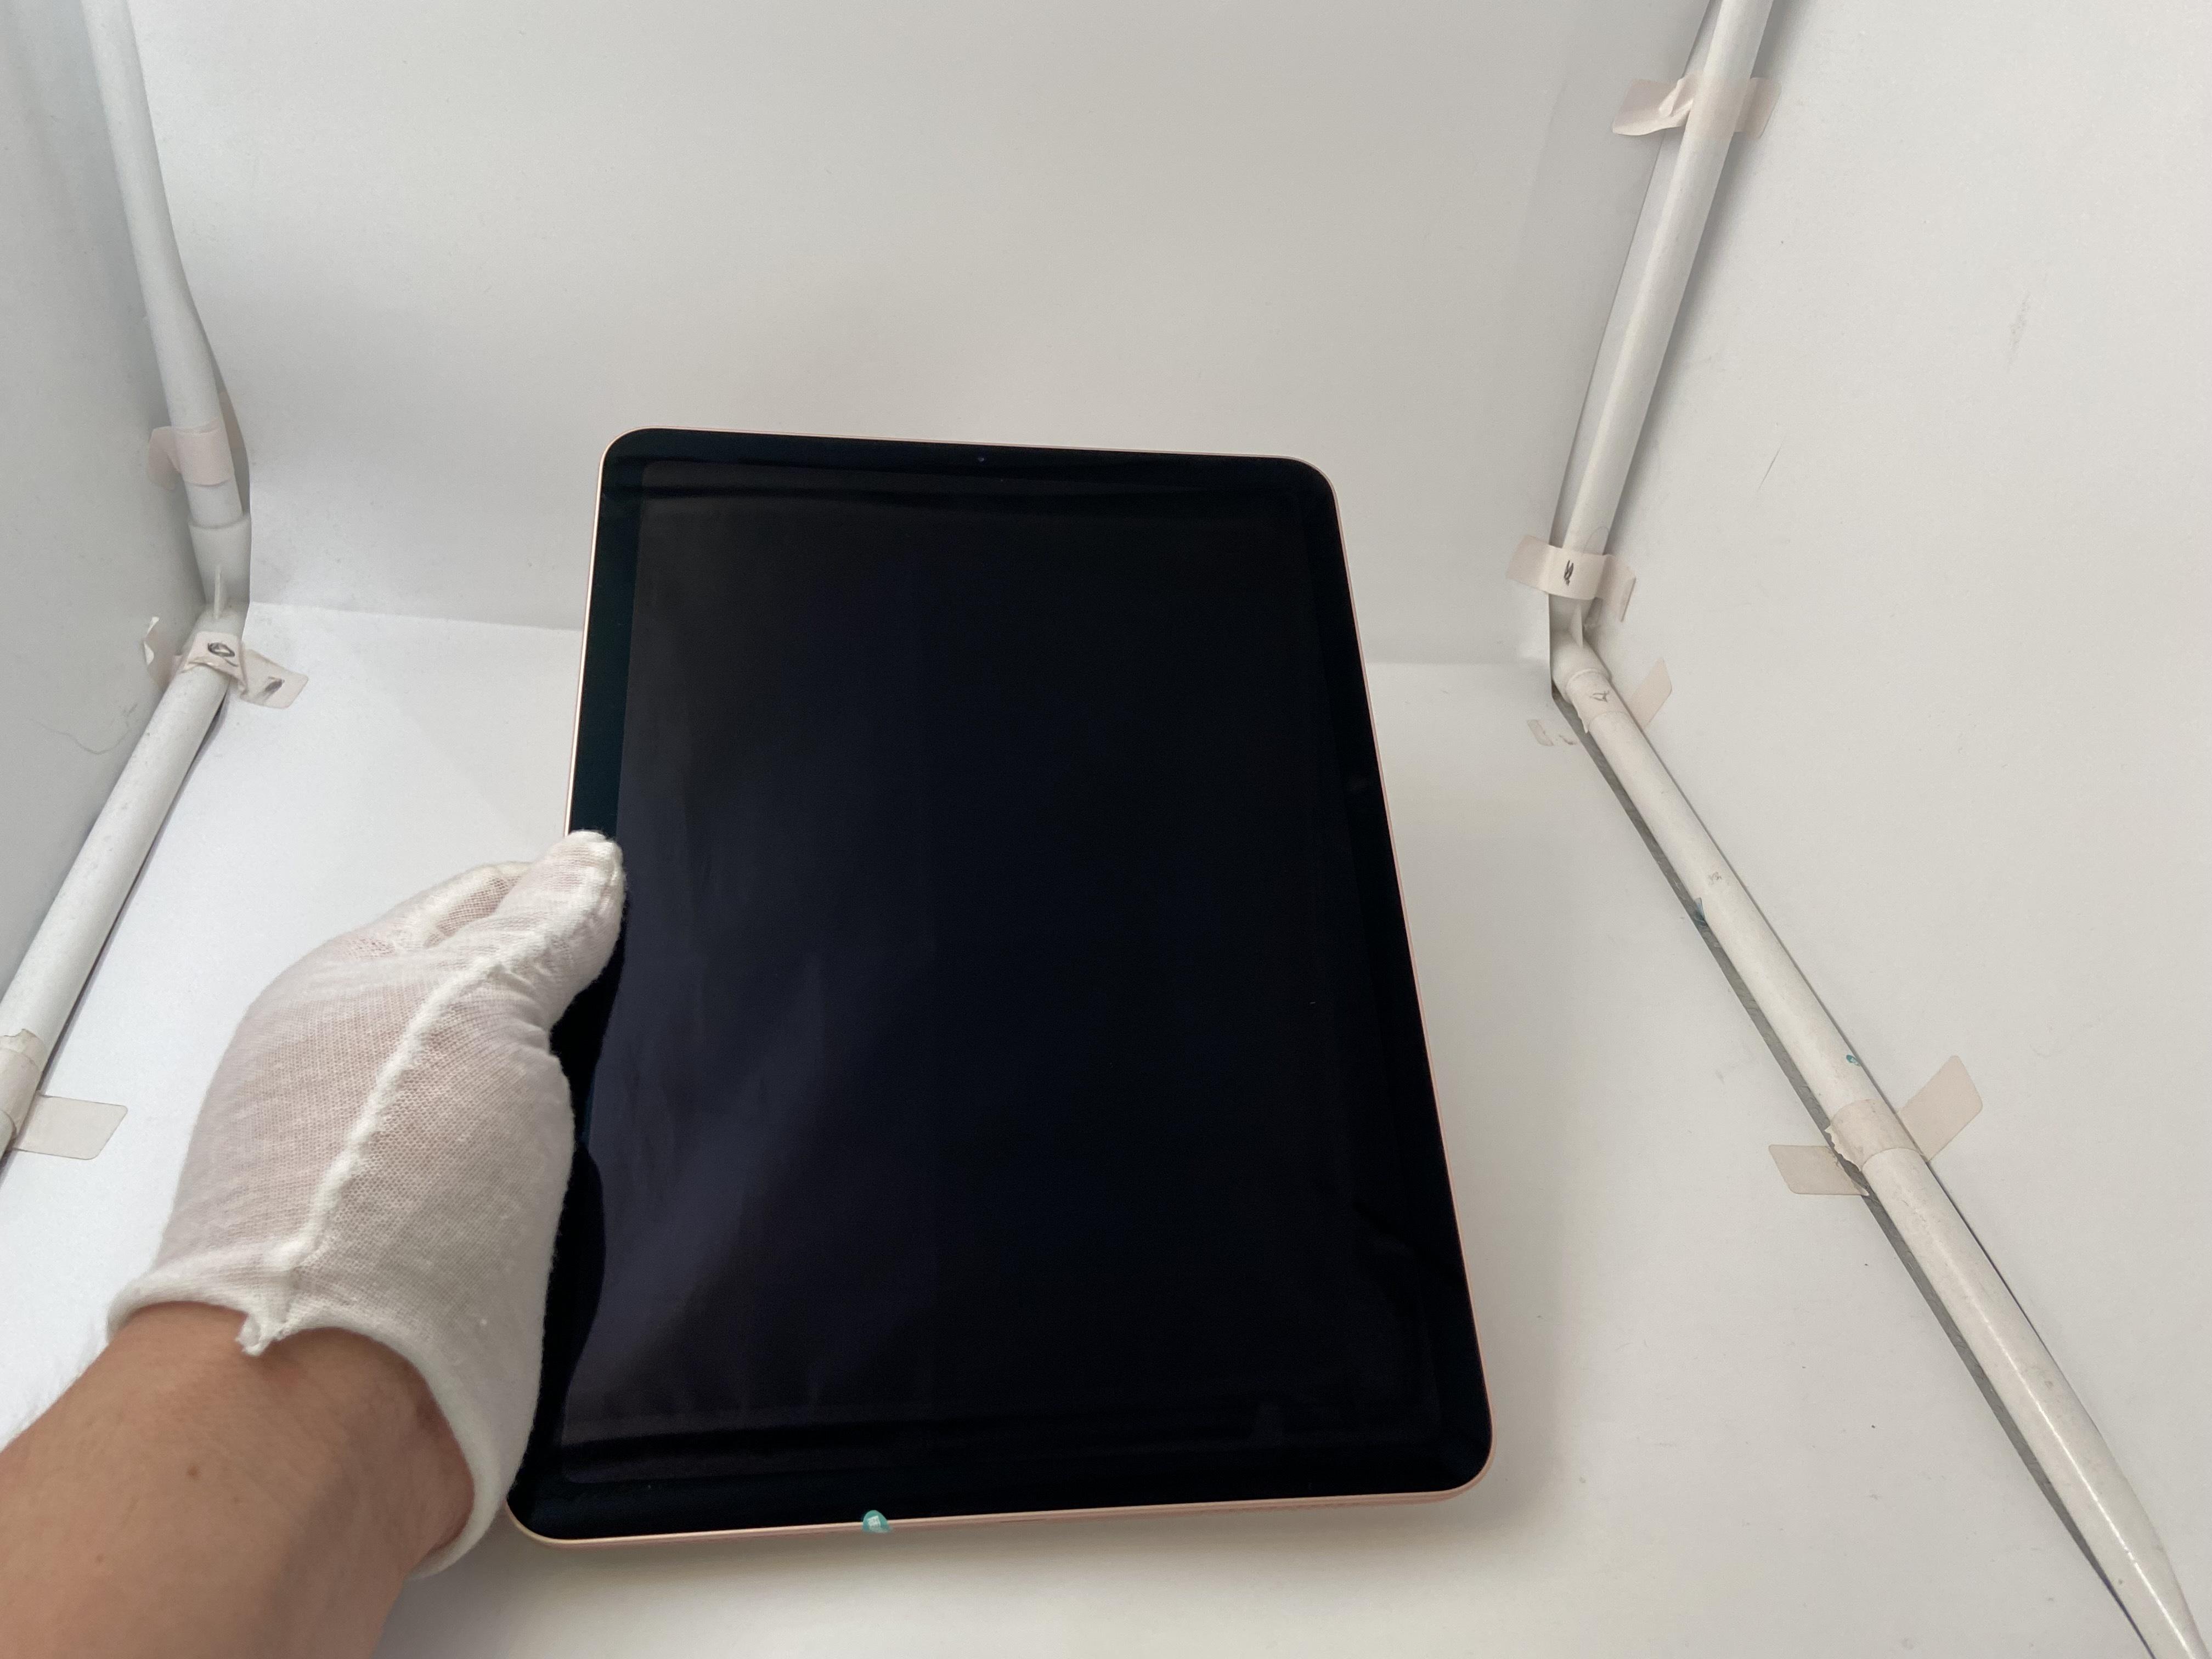 苹果【iPad Air4 10.9英寸 20款】WIFI版 玫瑰金 64G 国际版 95新